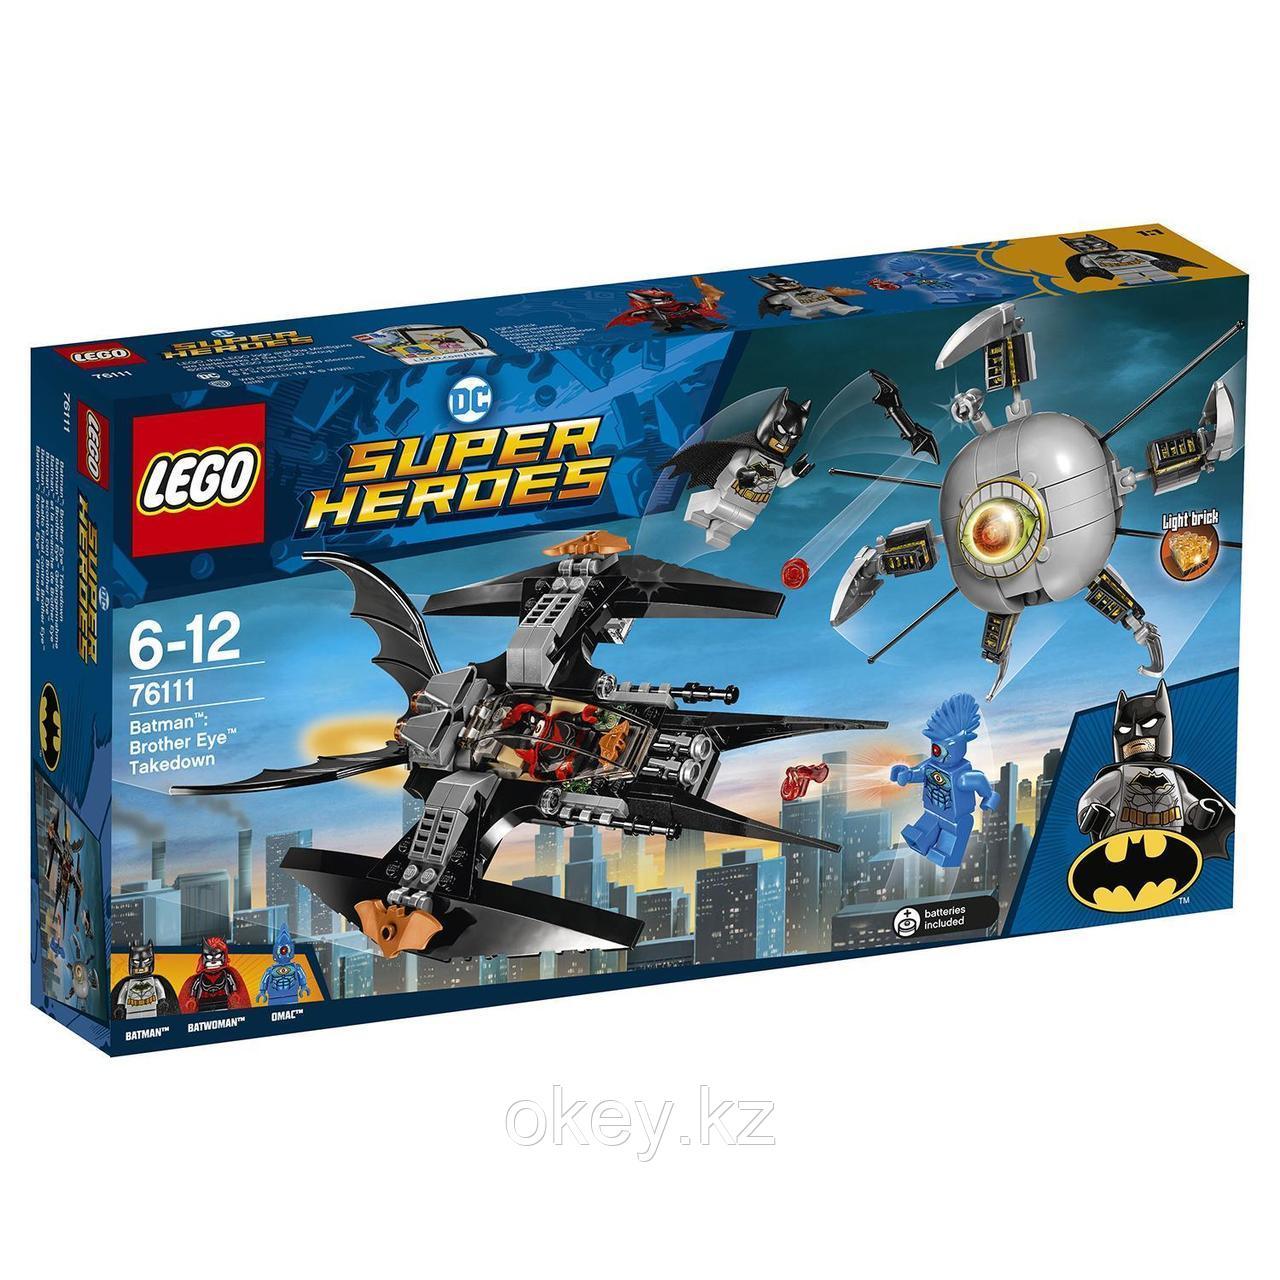 LEGO Super Heroes: Бэтмен: ликвидация Глаза брата 76111